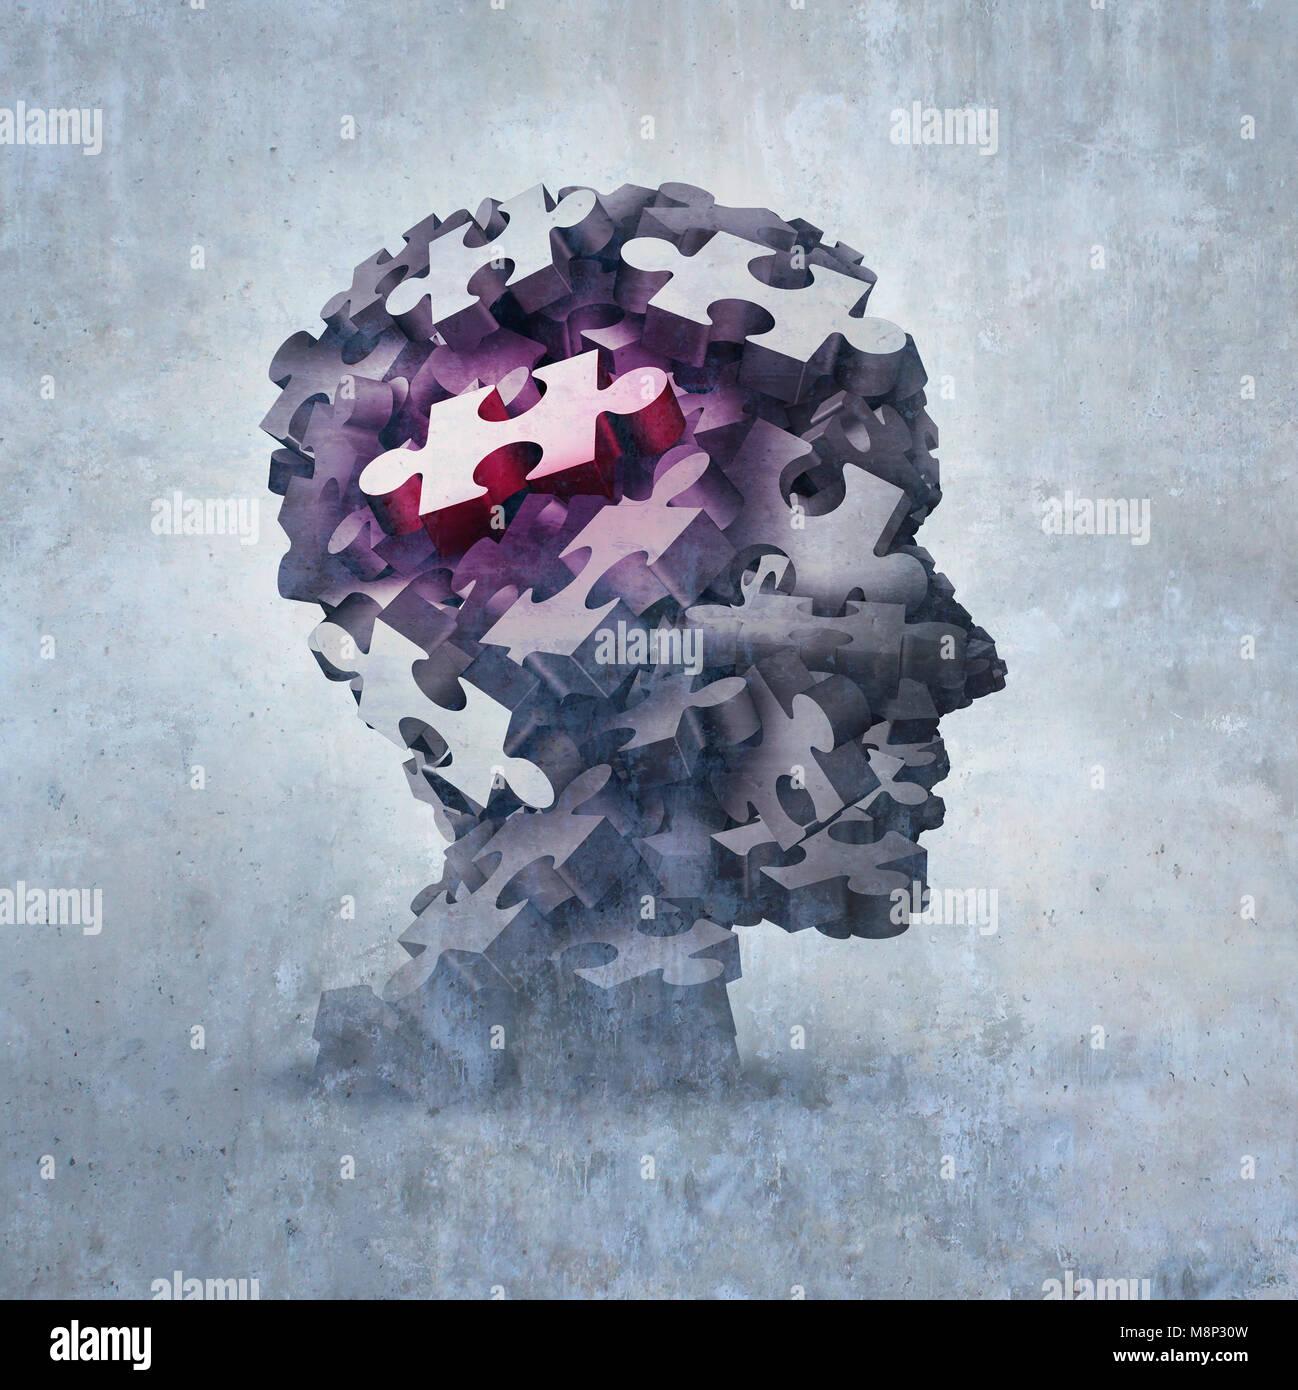 Le trouble mental de la névrose obsessionnelle comme un concept de psychiatrie et de psychologie du comportement Photo Stock